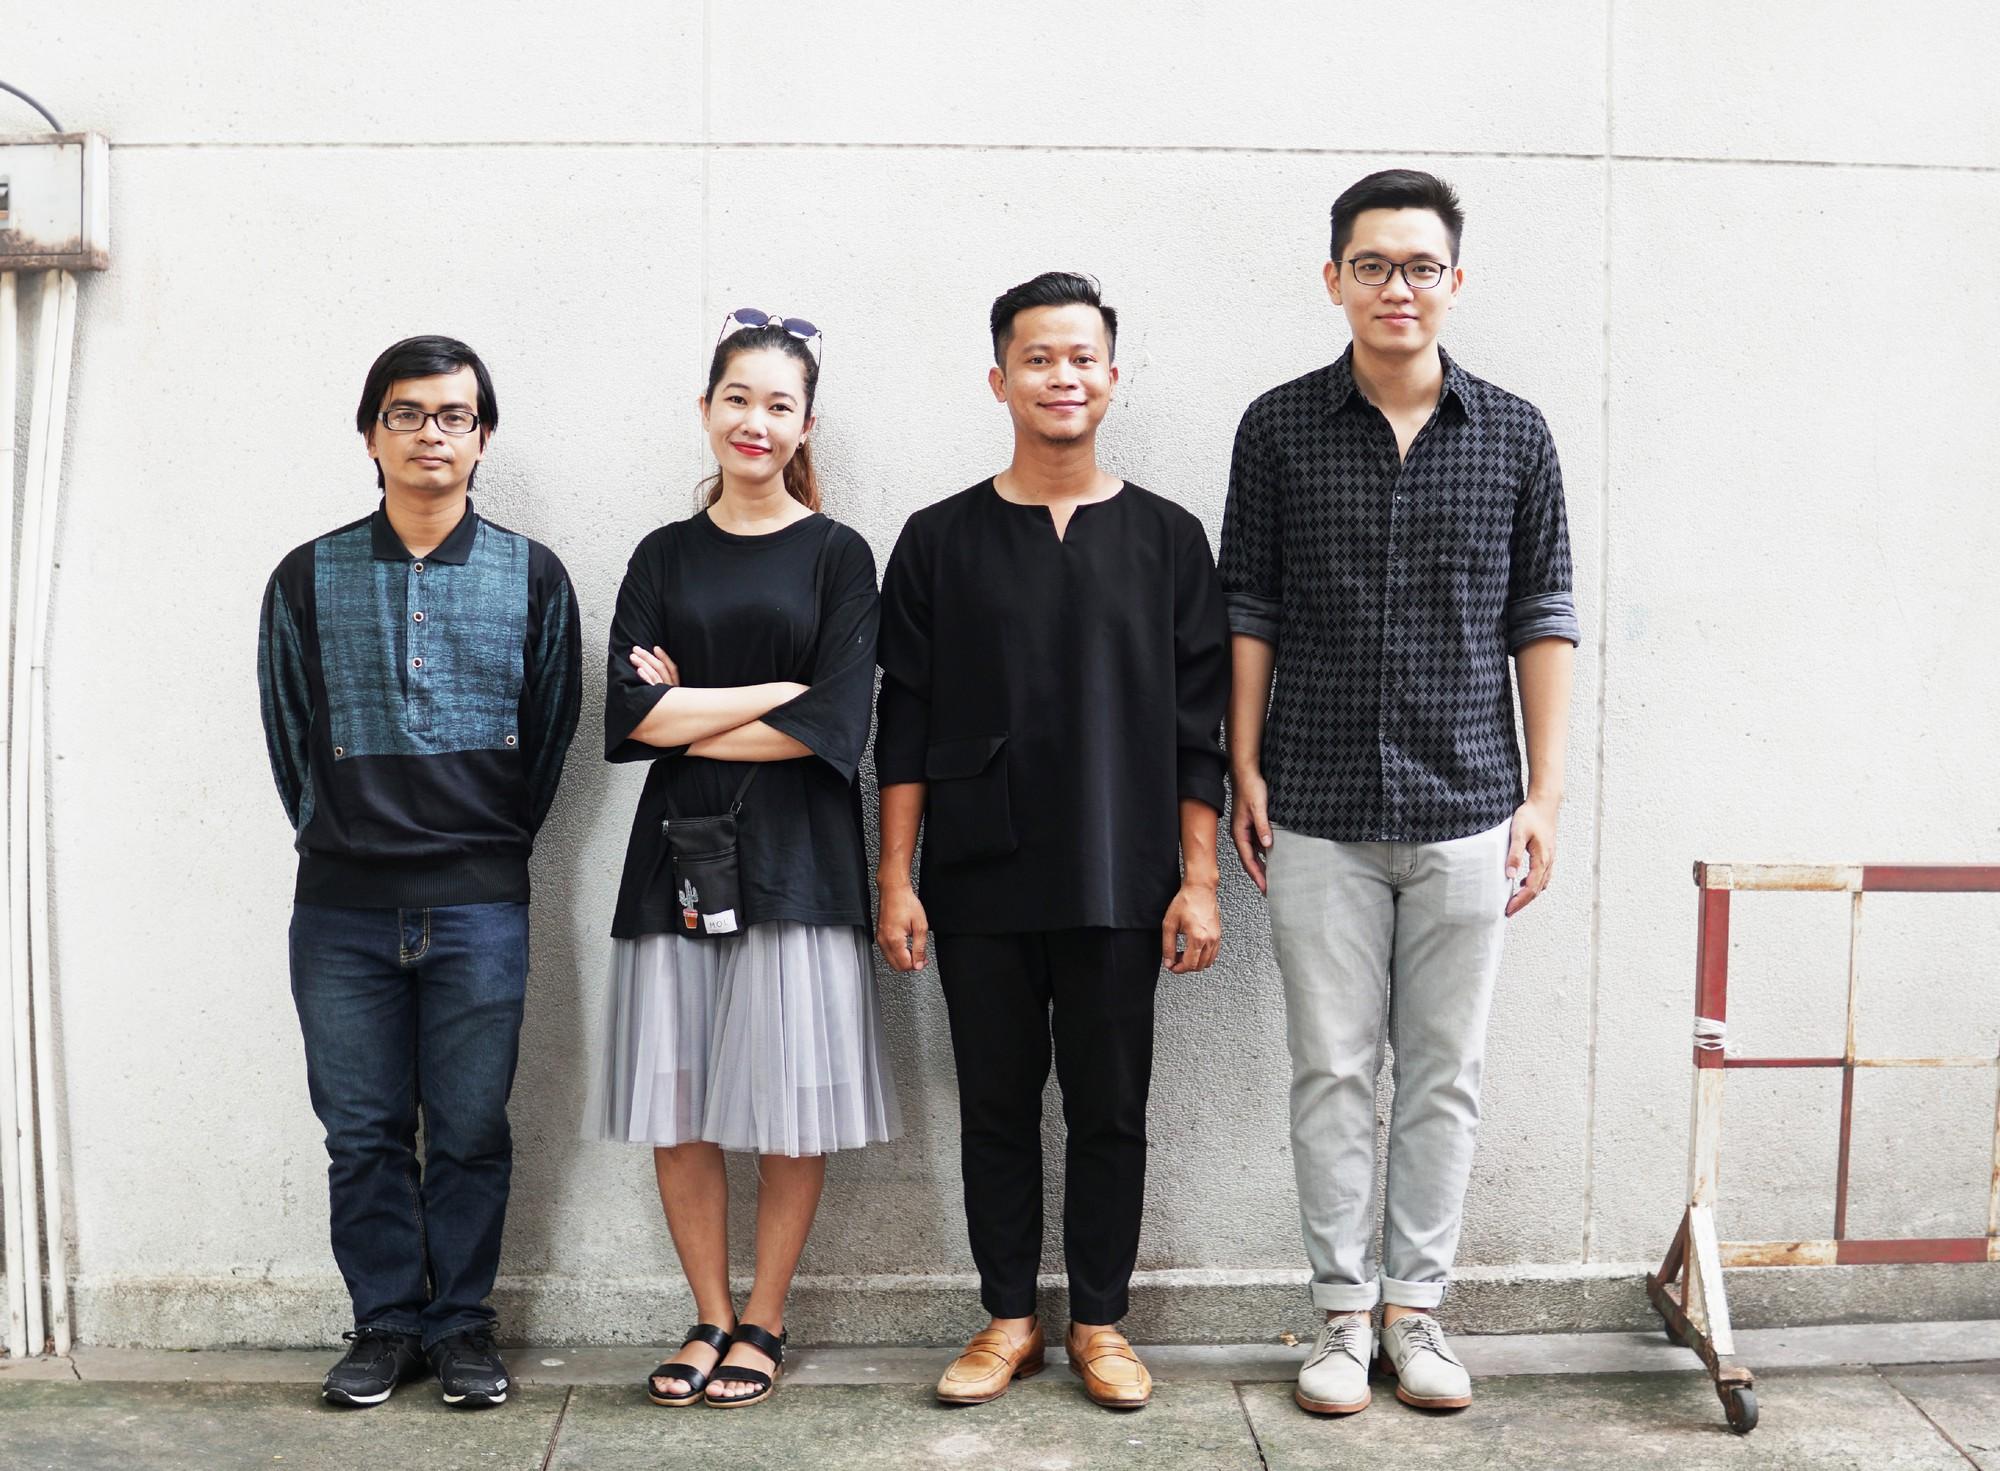 Gặp nhóm chiến thắng 1 tỷ đồng cuộc thi làm phim của Vingroup: Chúng tôi muốn đưa phim hoạt hình Việt ra thế giới - Ảnh 1.